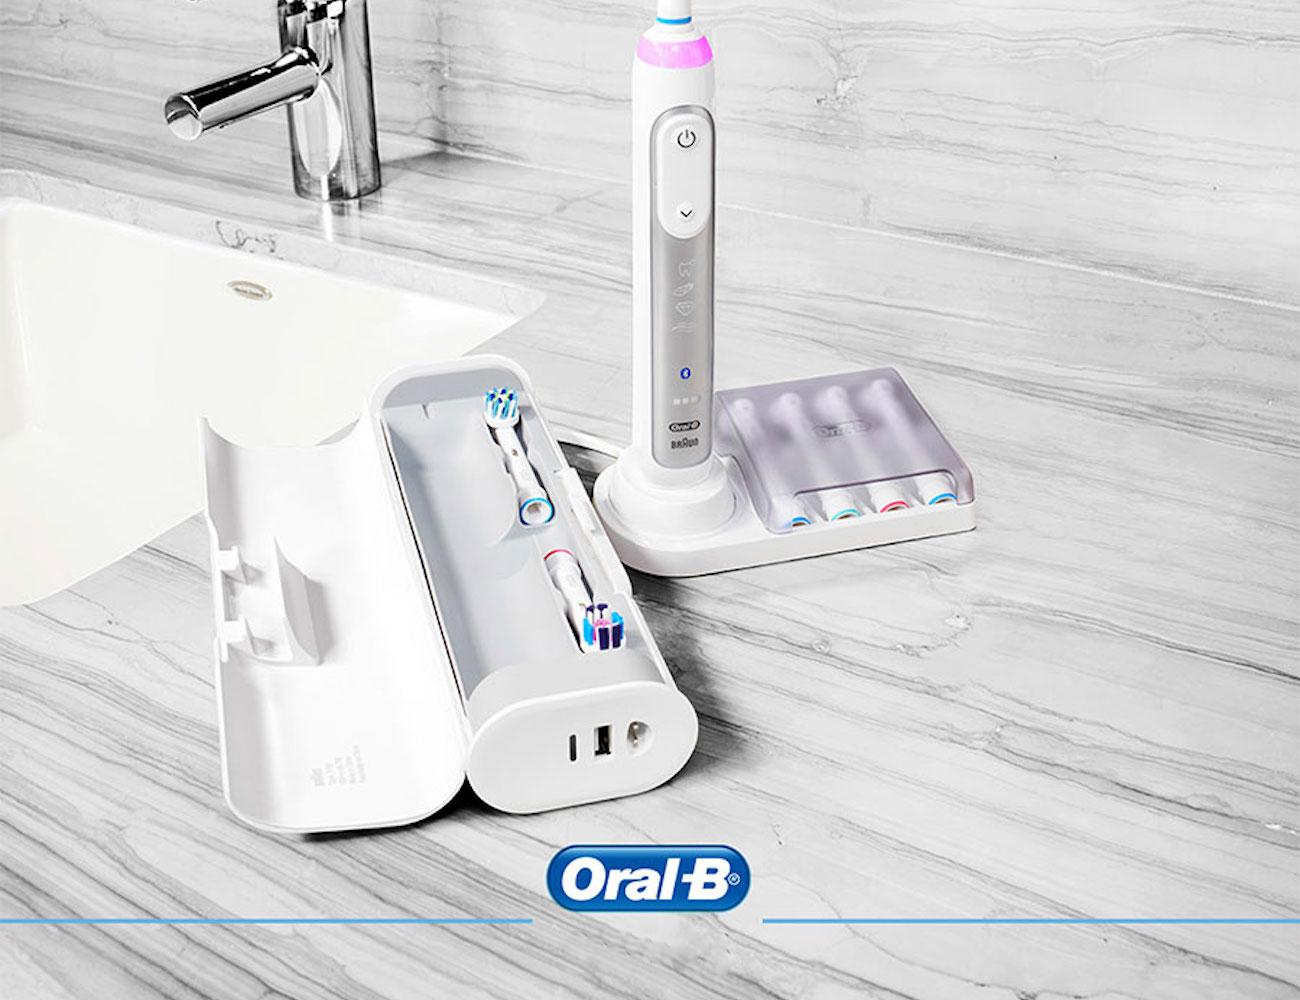 Oral-B Genius Smart Toothbrush